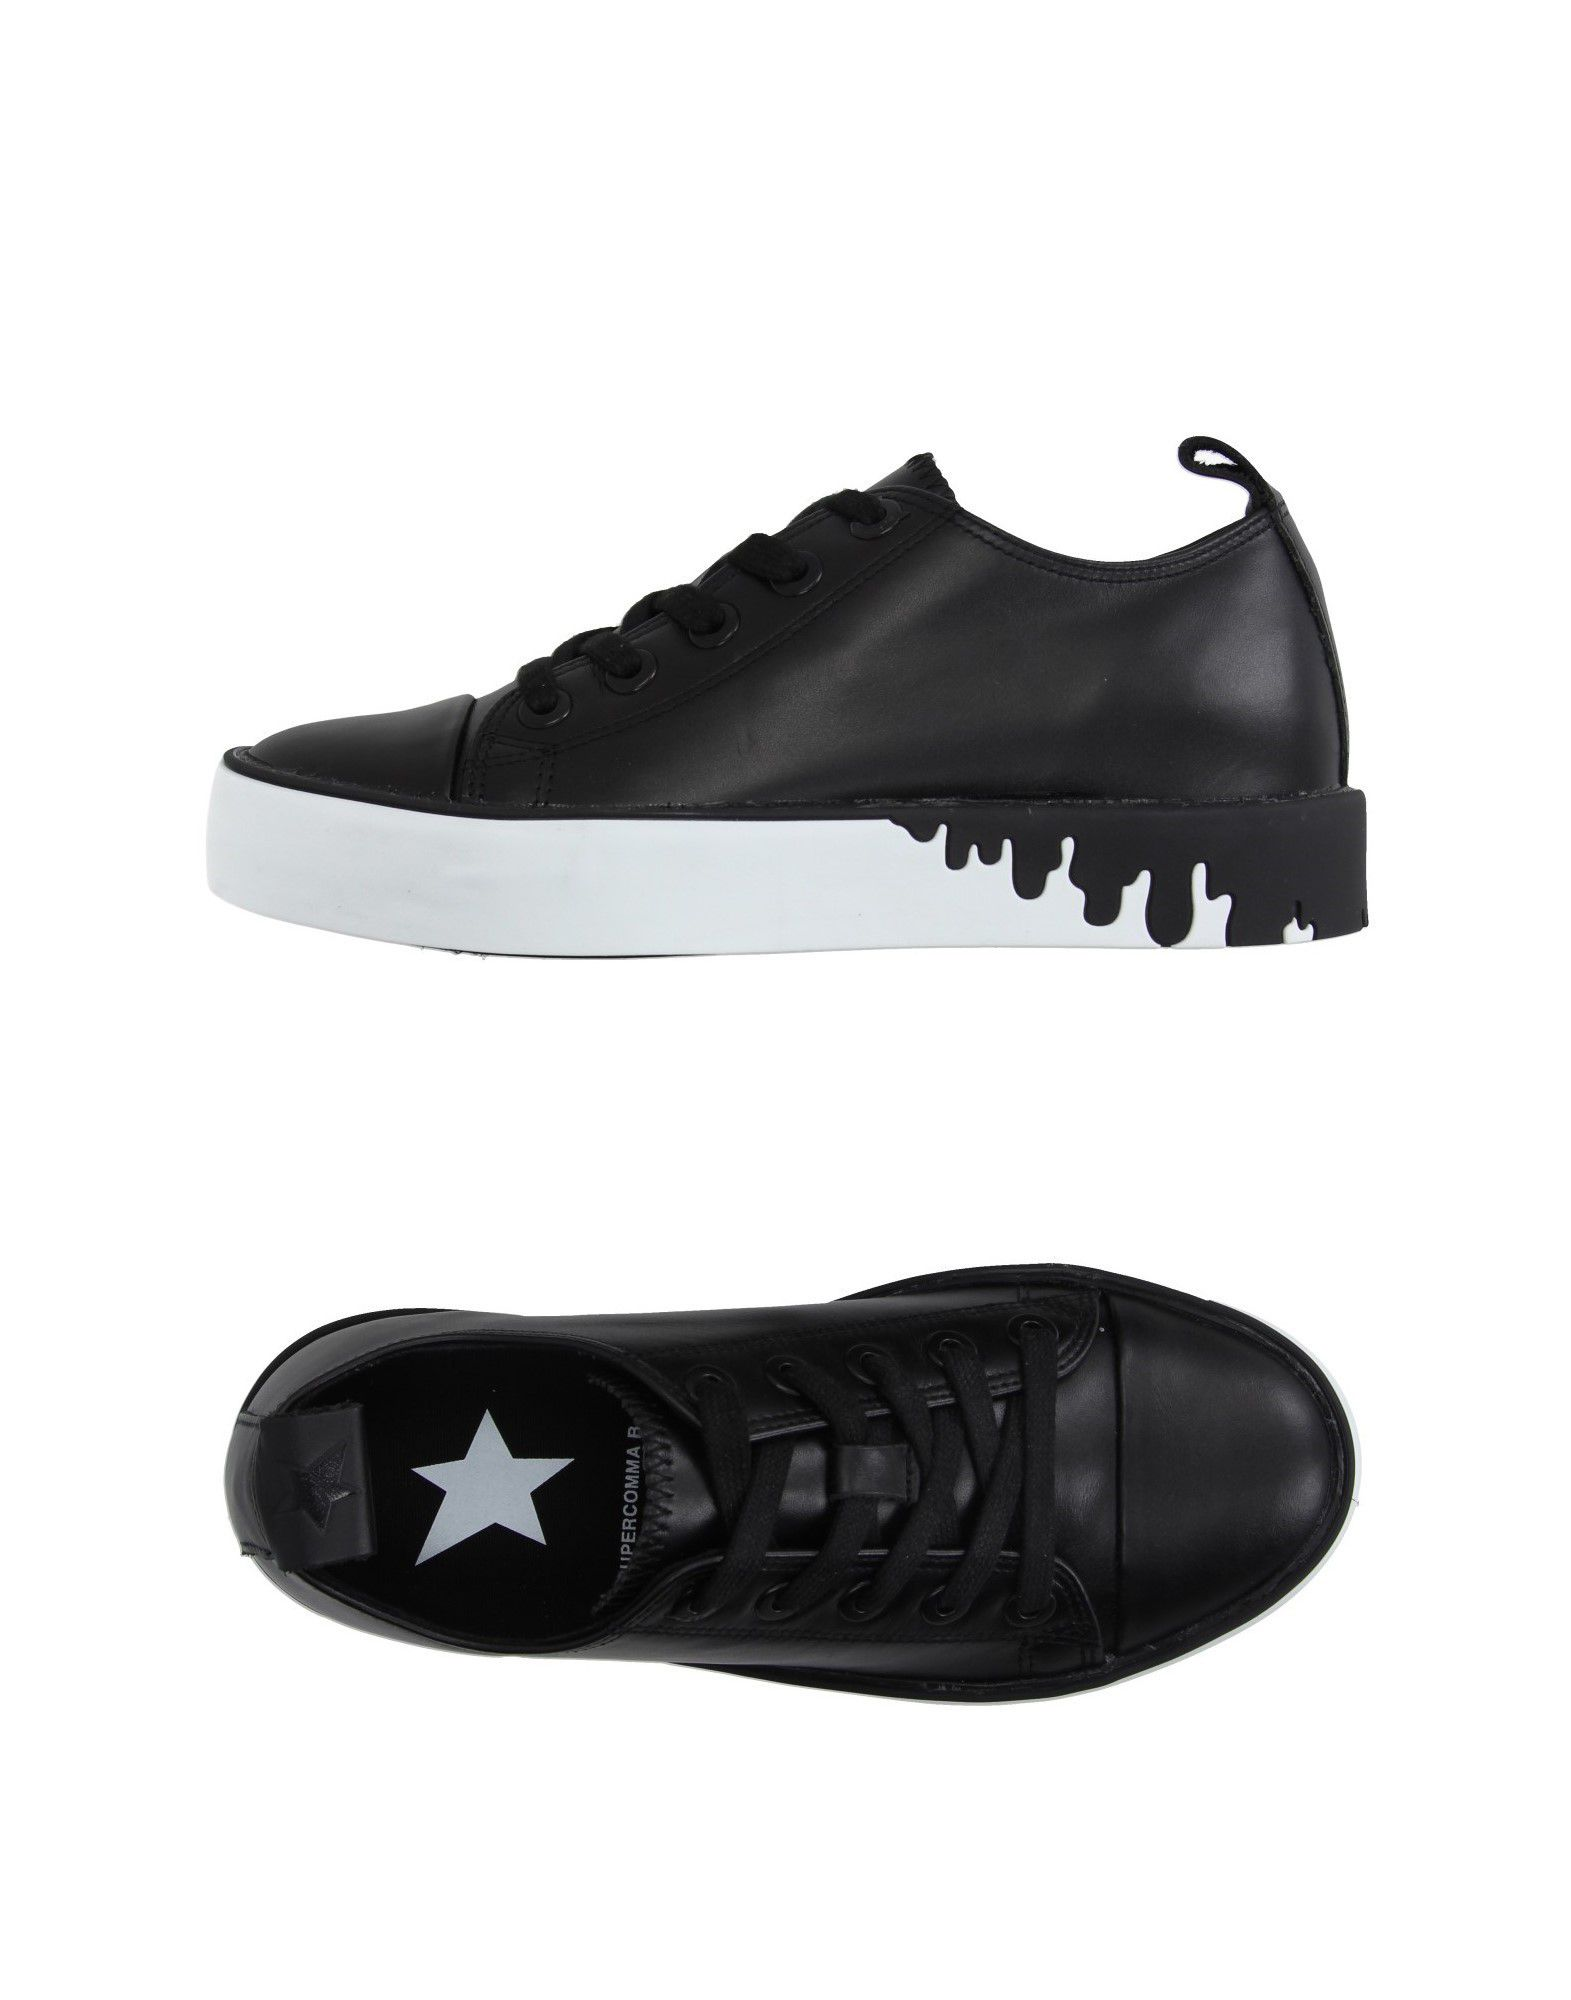 Supercomma on B Sneakers - Women Supercomma B Sneakers online on Supercomma  Canada - 11005982DV d8fe7e